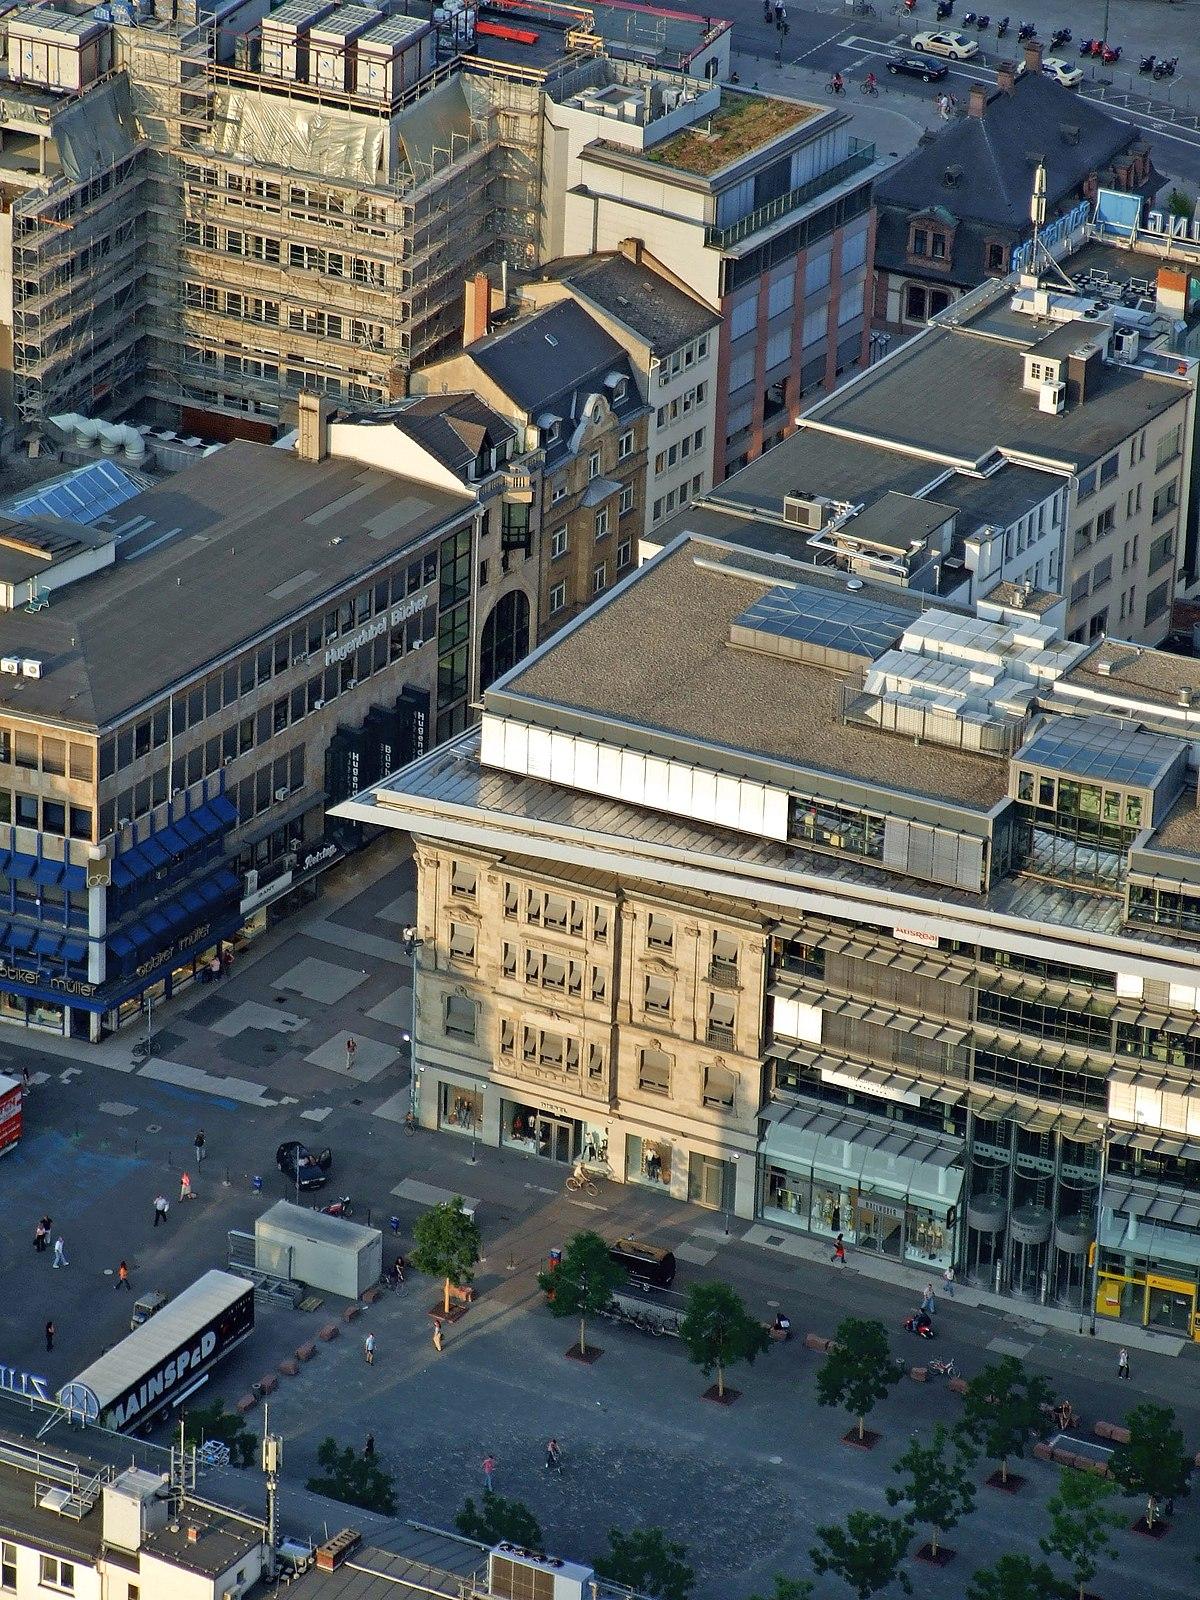 Hotel Frankfurt Innenstadt G Ef Bf Bdnstig